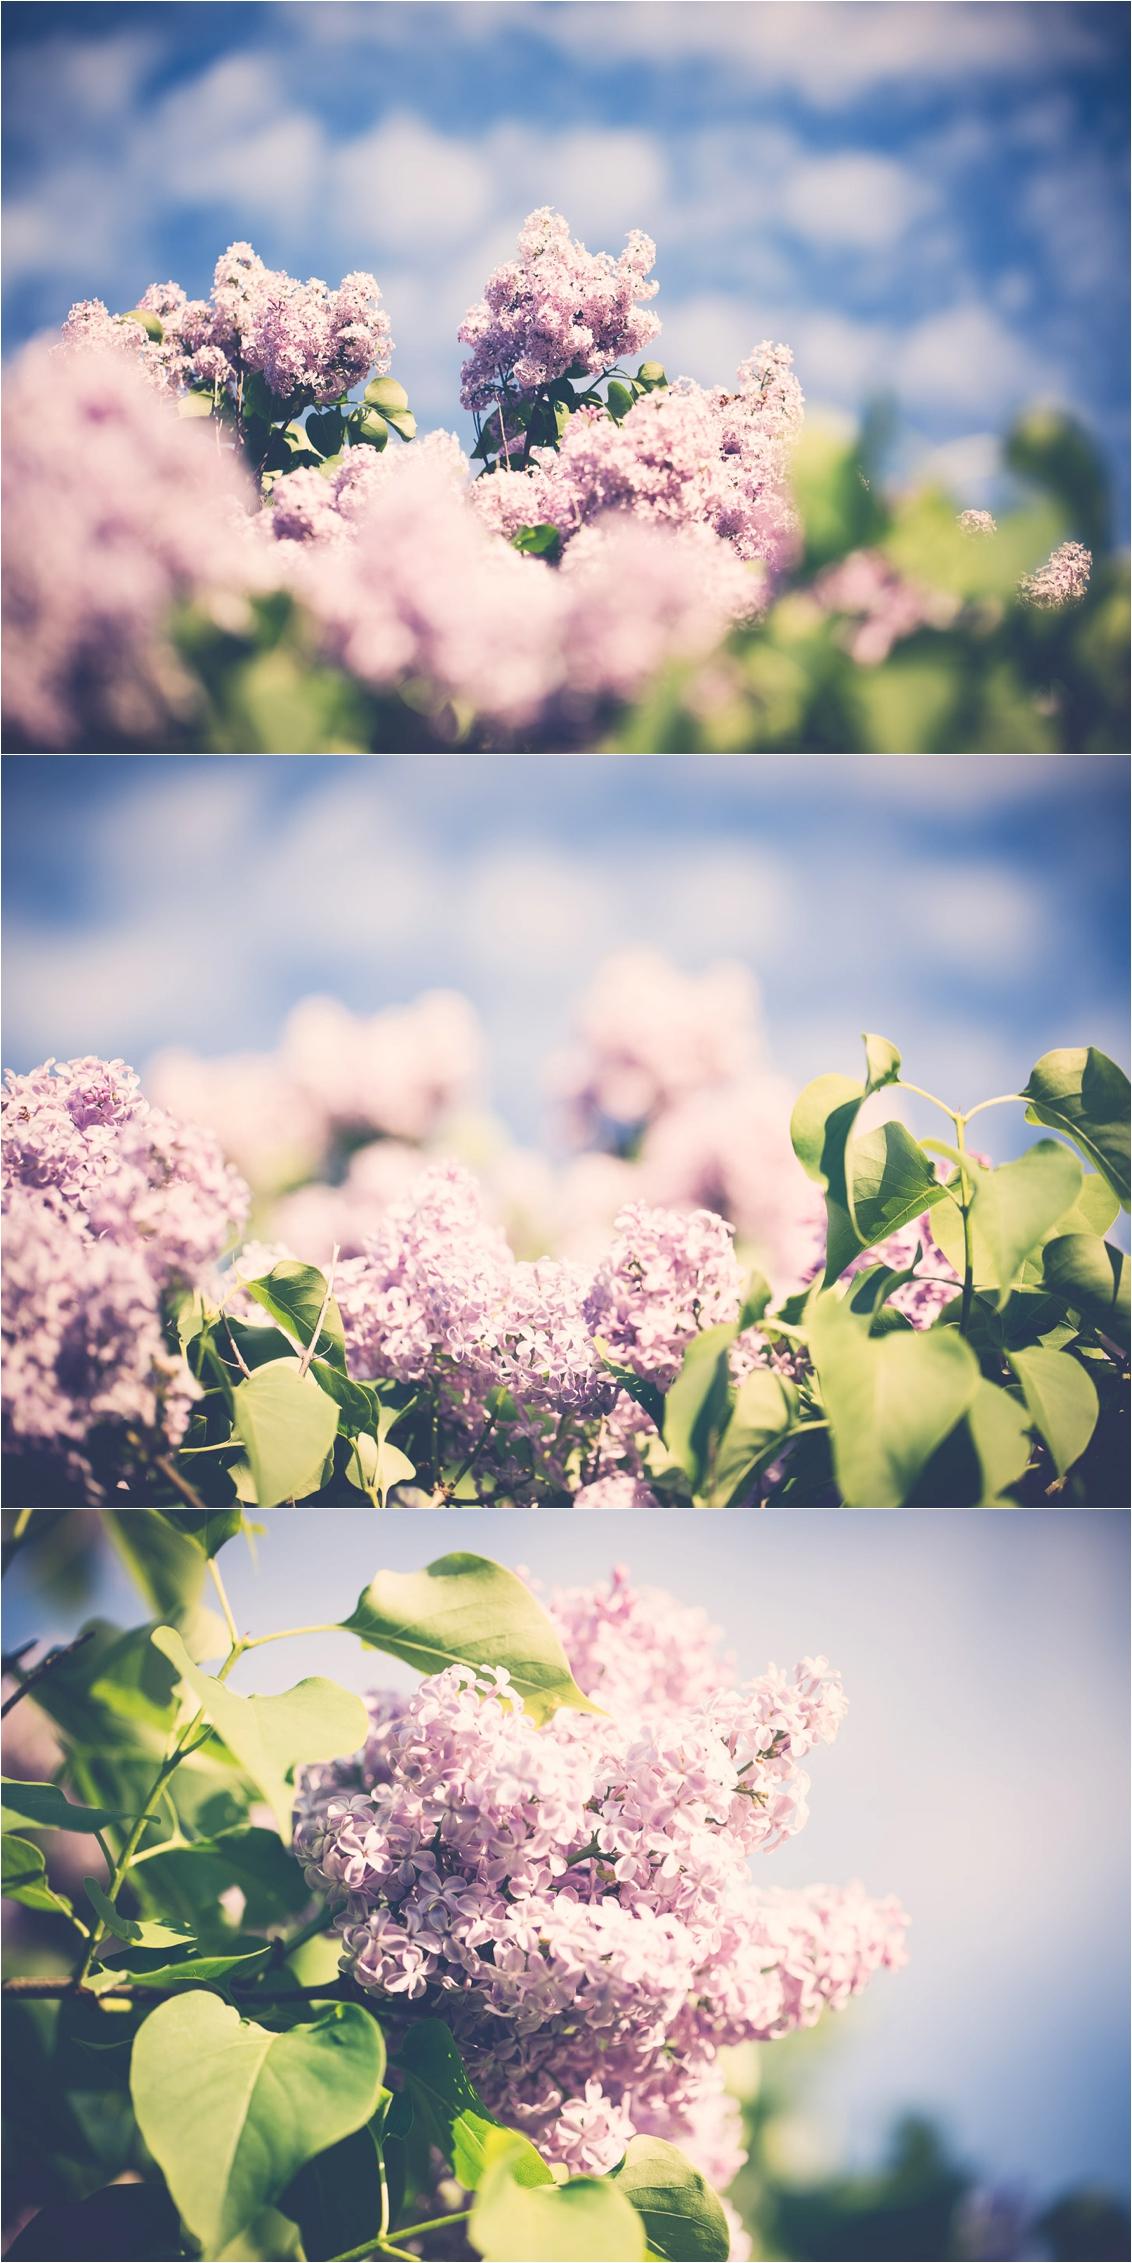 2015-05-22_0004.jpg